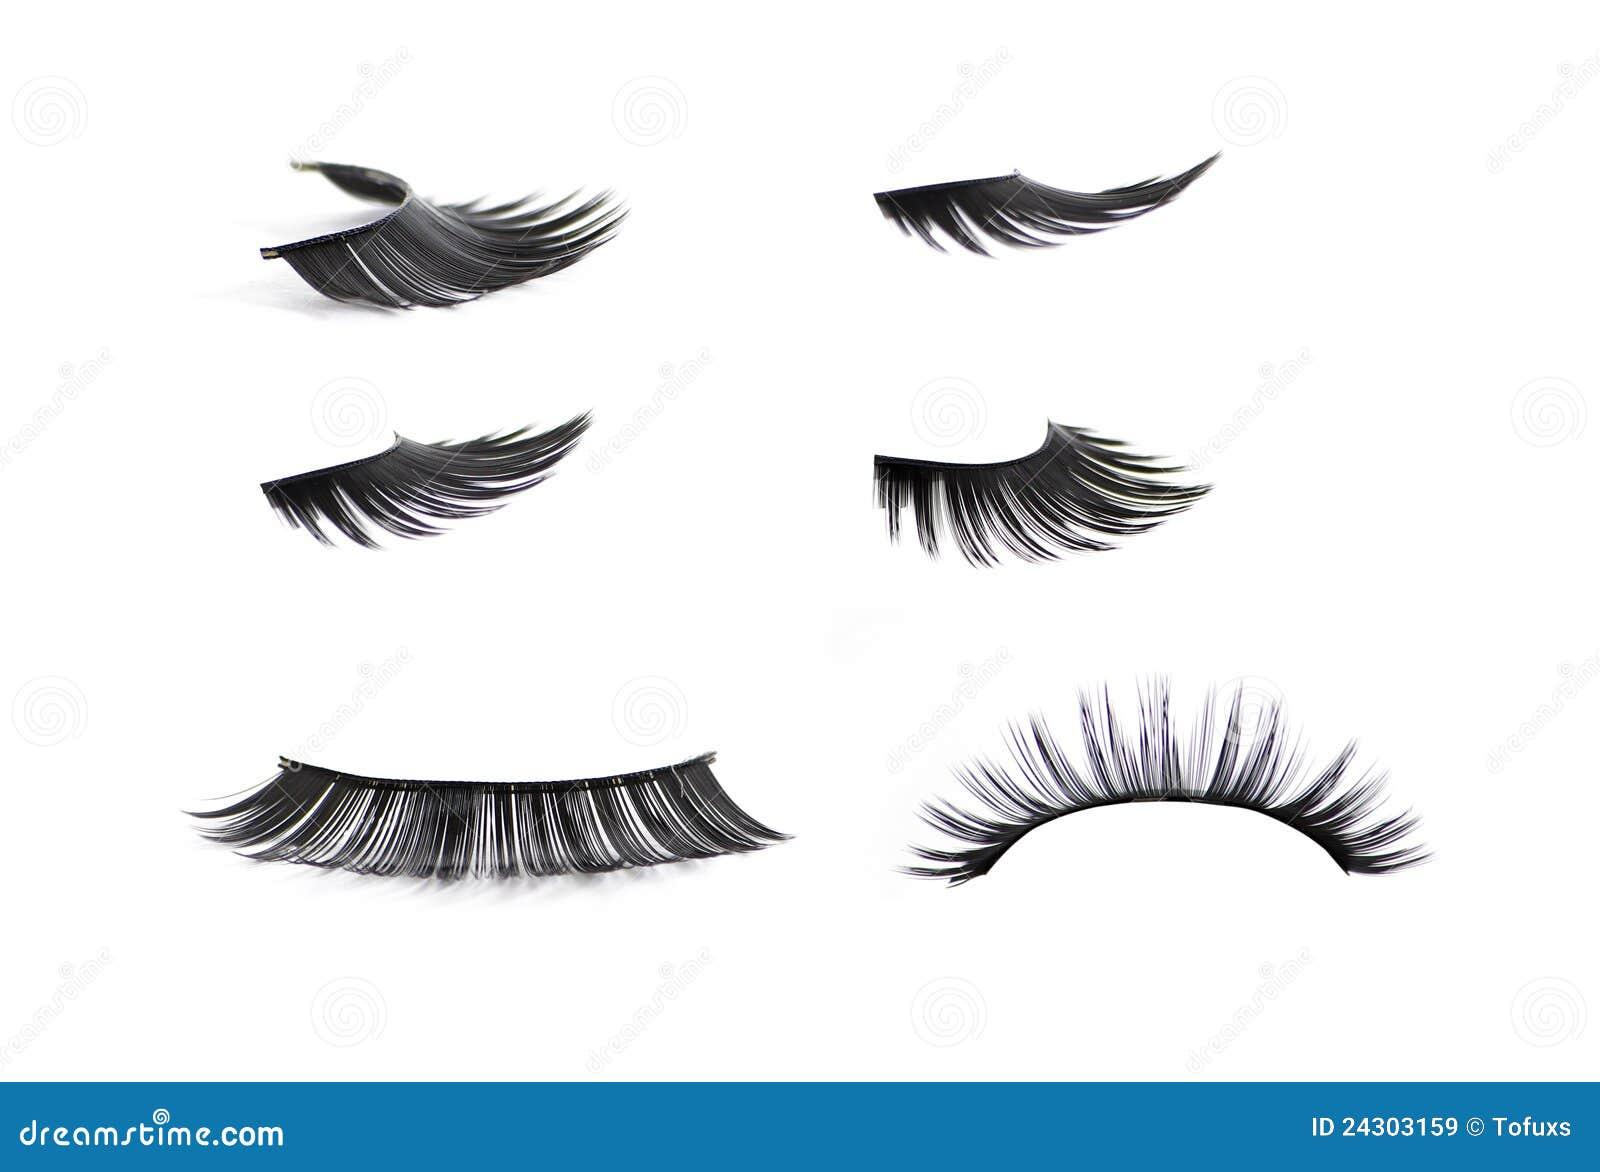 Eyelashes Royalty Free Stock Images Image 24303159